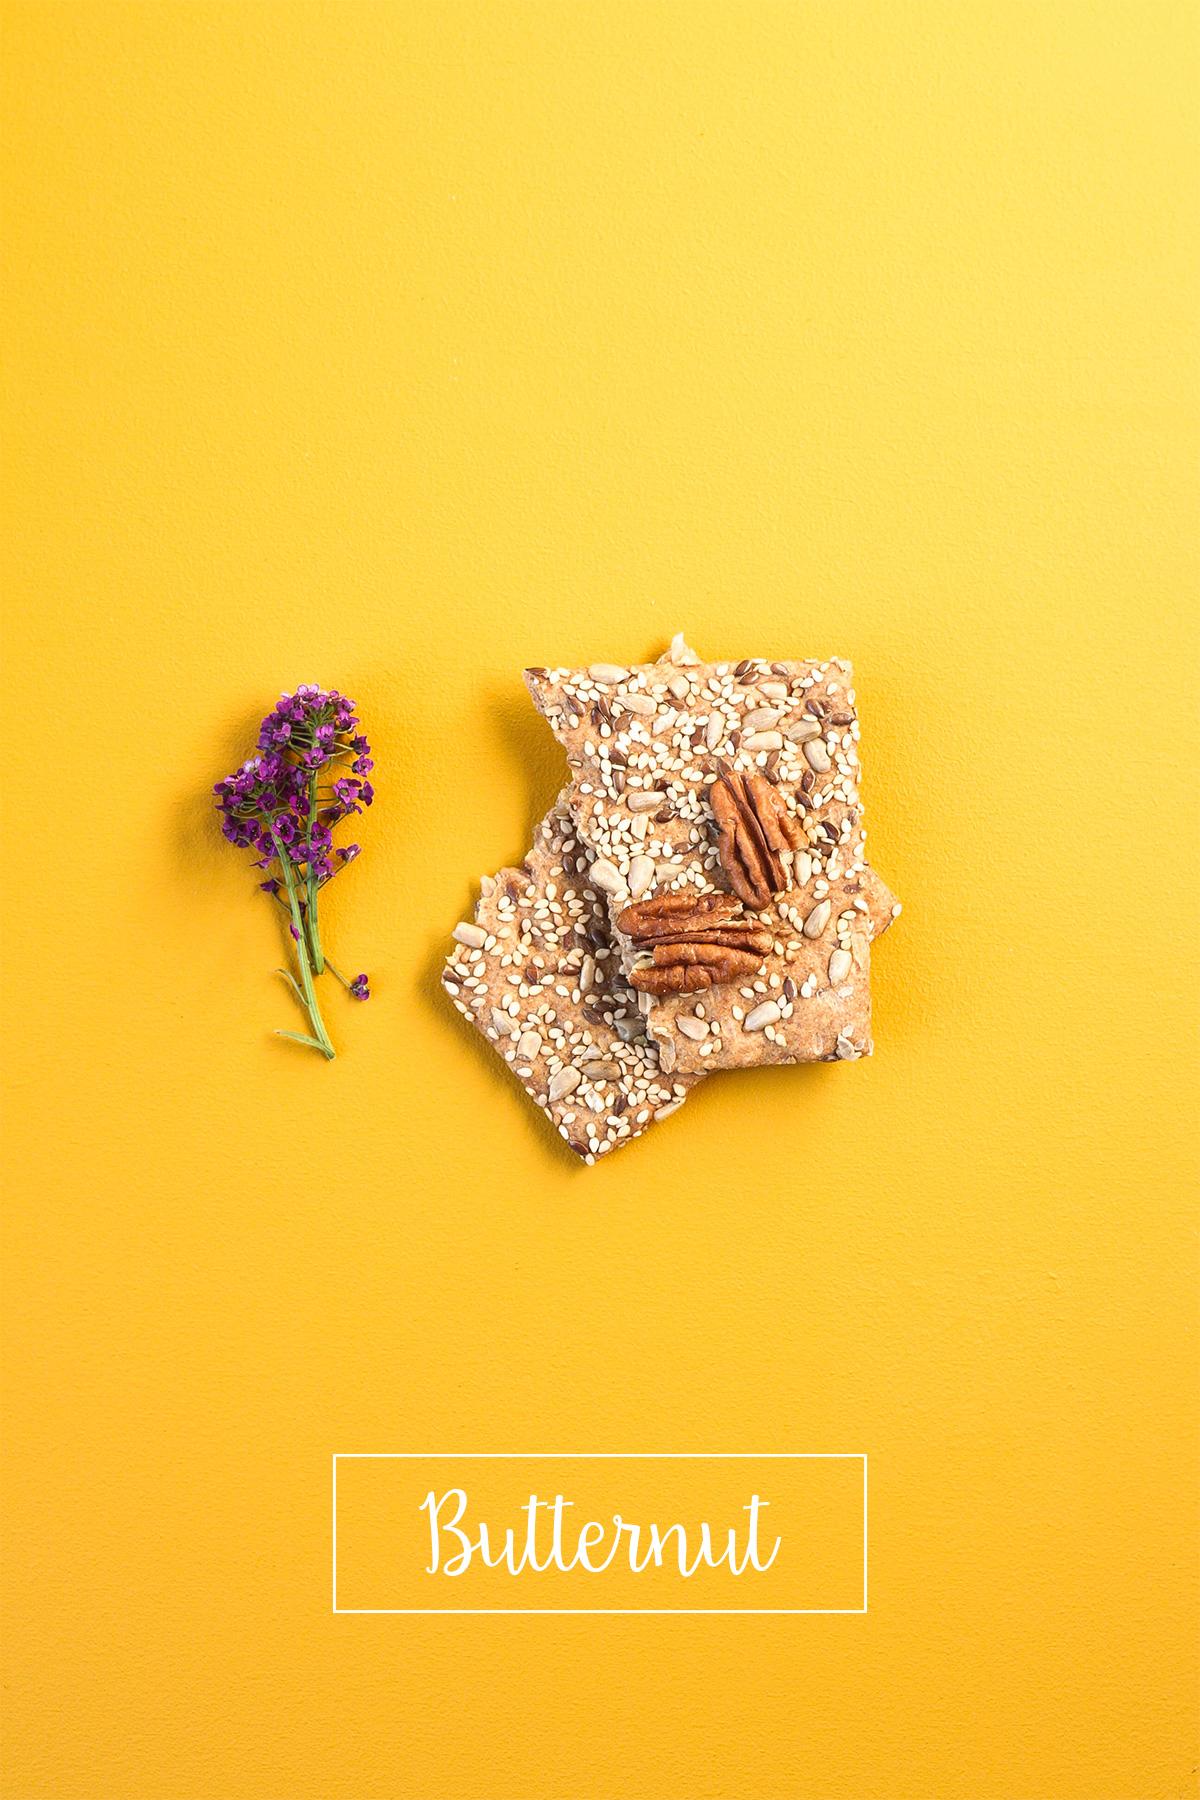 recette-salade-quinoa-butternut